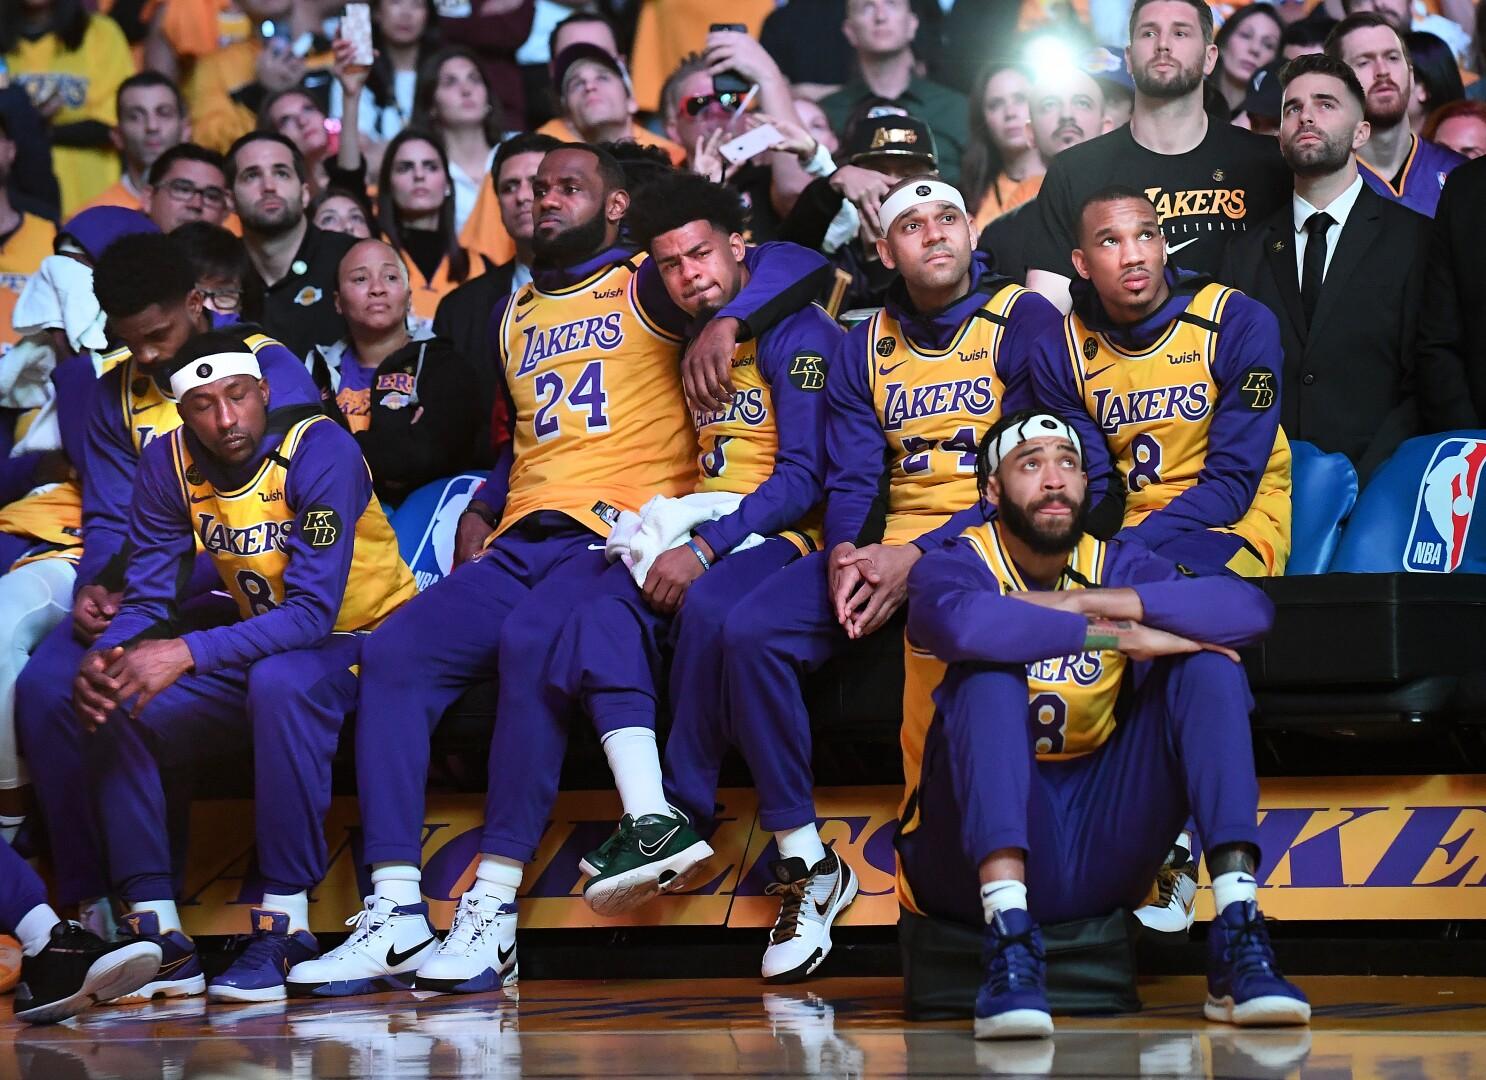 Kobe-Bryant Short Sleeve Tee for Men Others Mens 2020 Kobe-Bryant Number 24 Short Sleeve T-Shirt